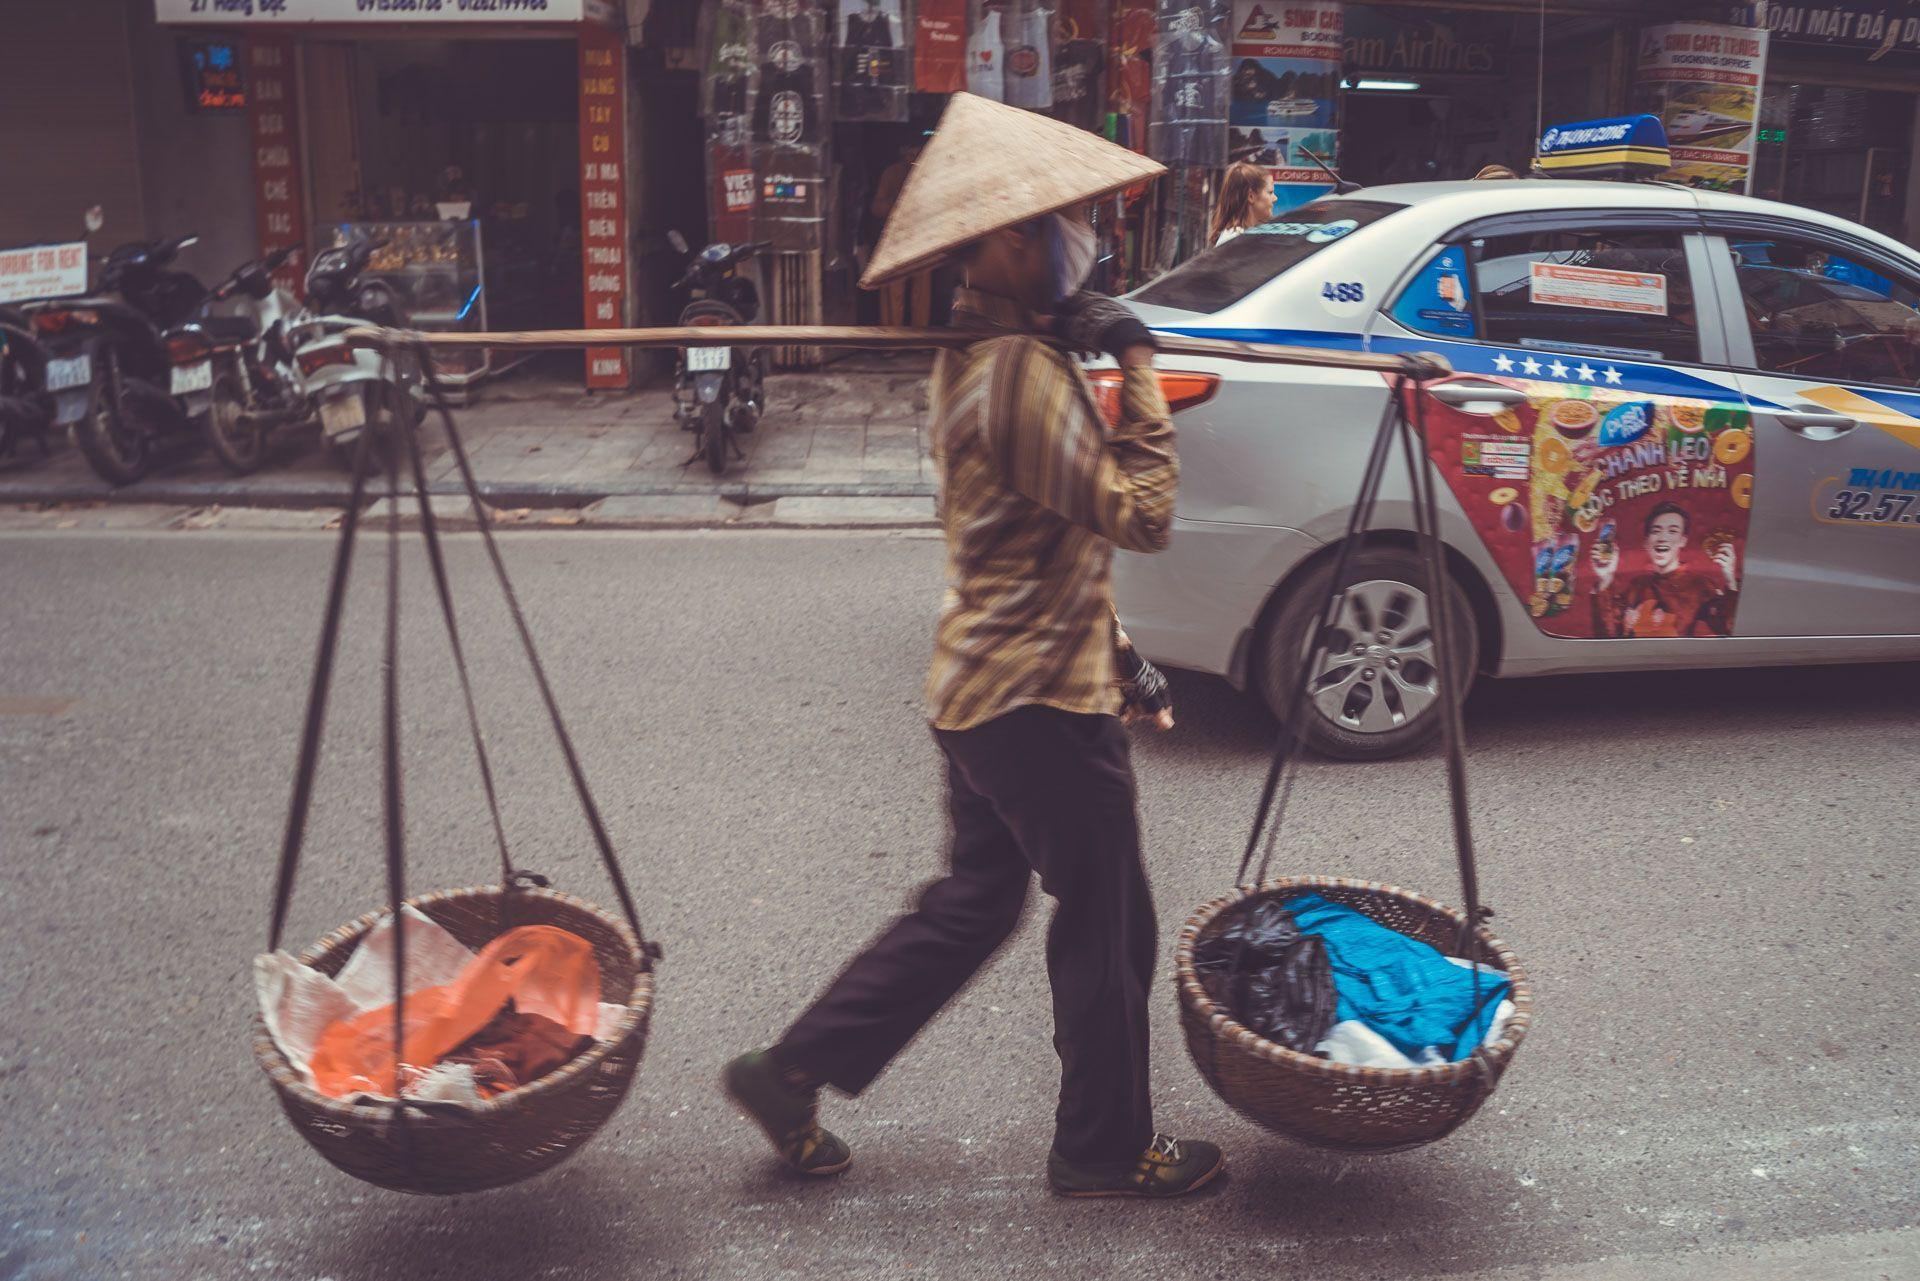 LesVoyageuses-Vietnam-hanoi-tour-vespa-adventures-1